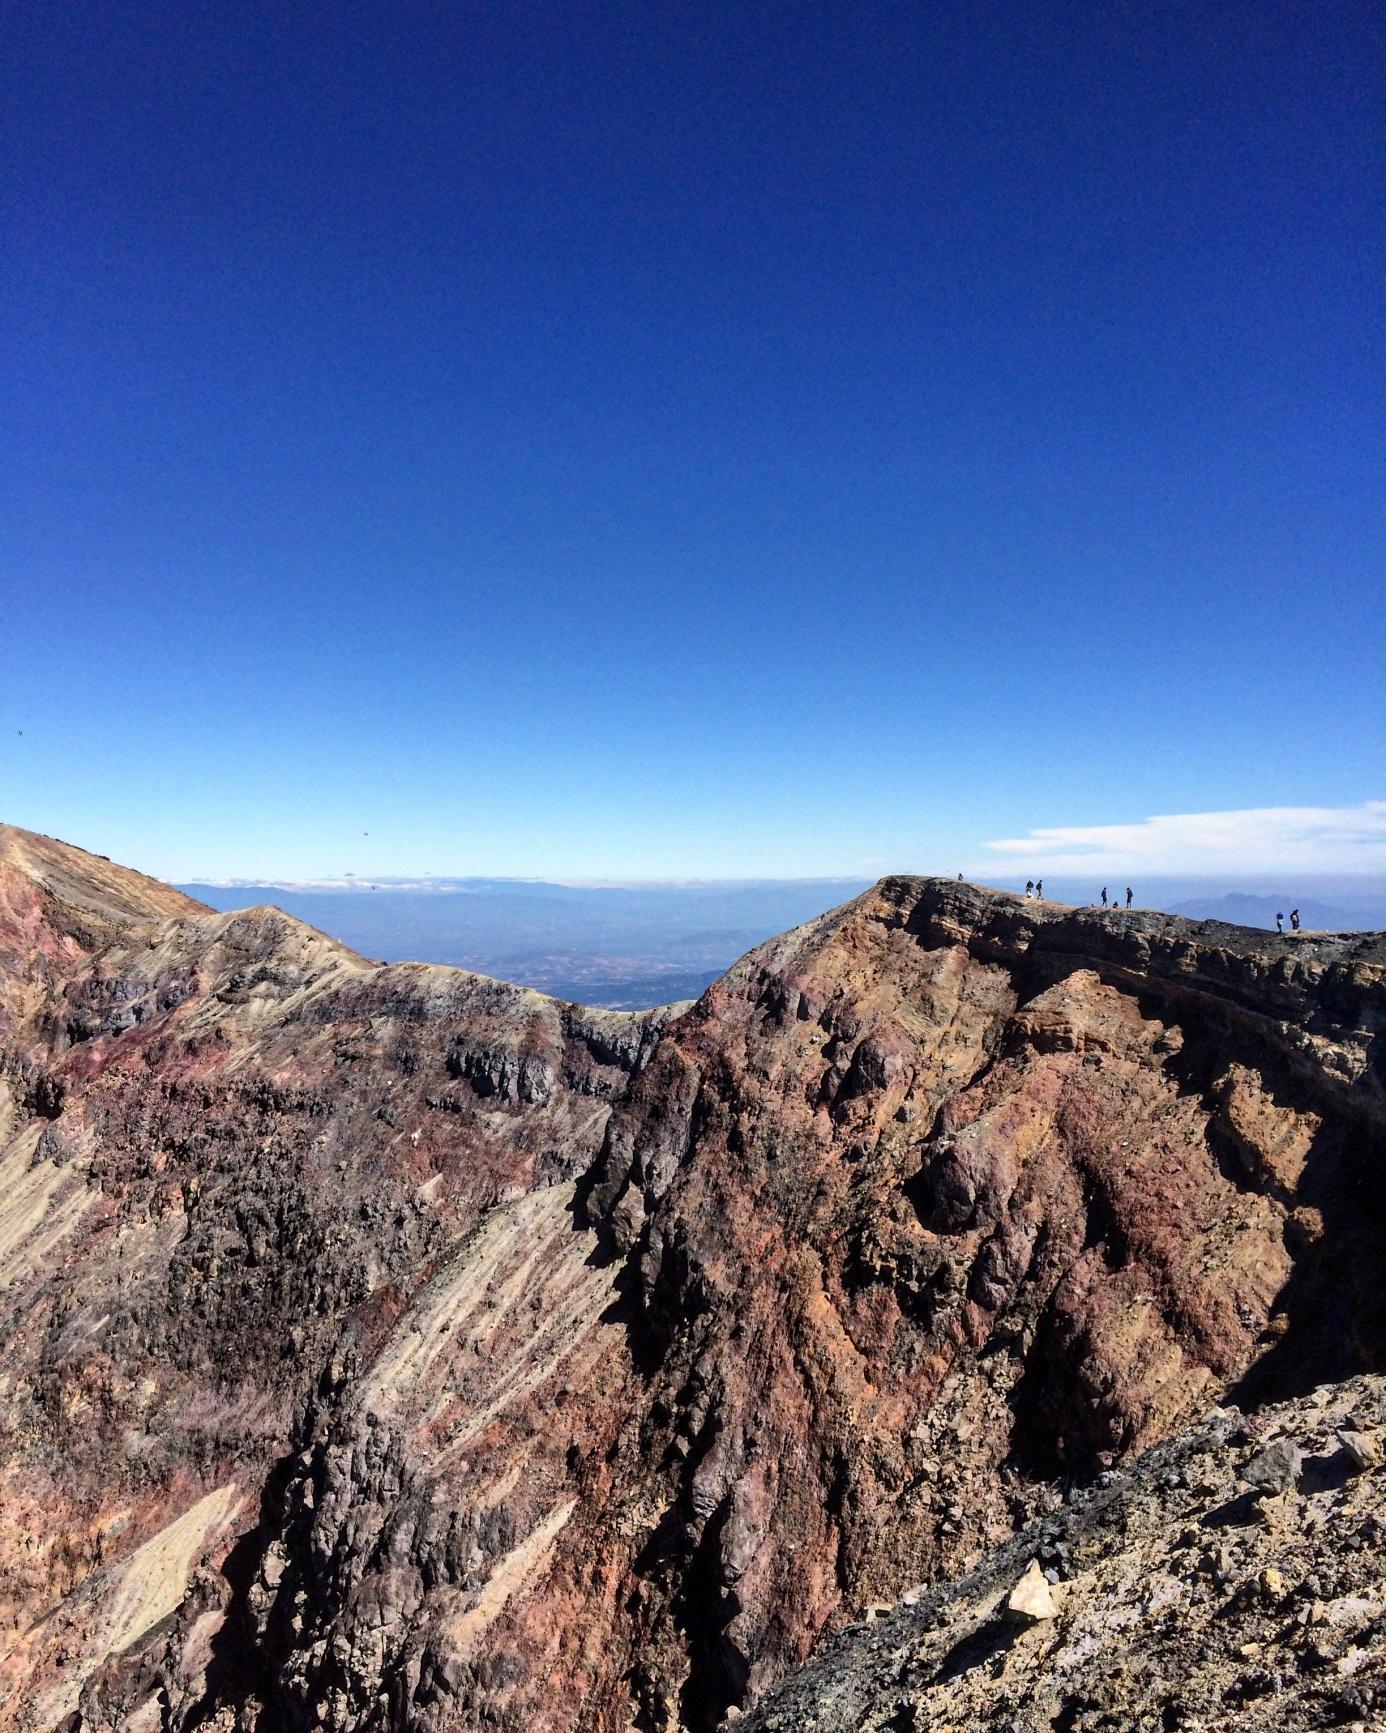 kráter vulkánu Santa Ana